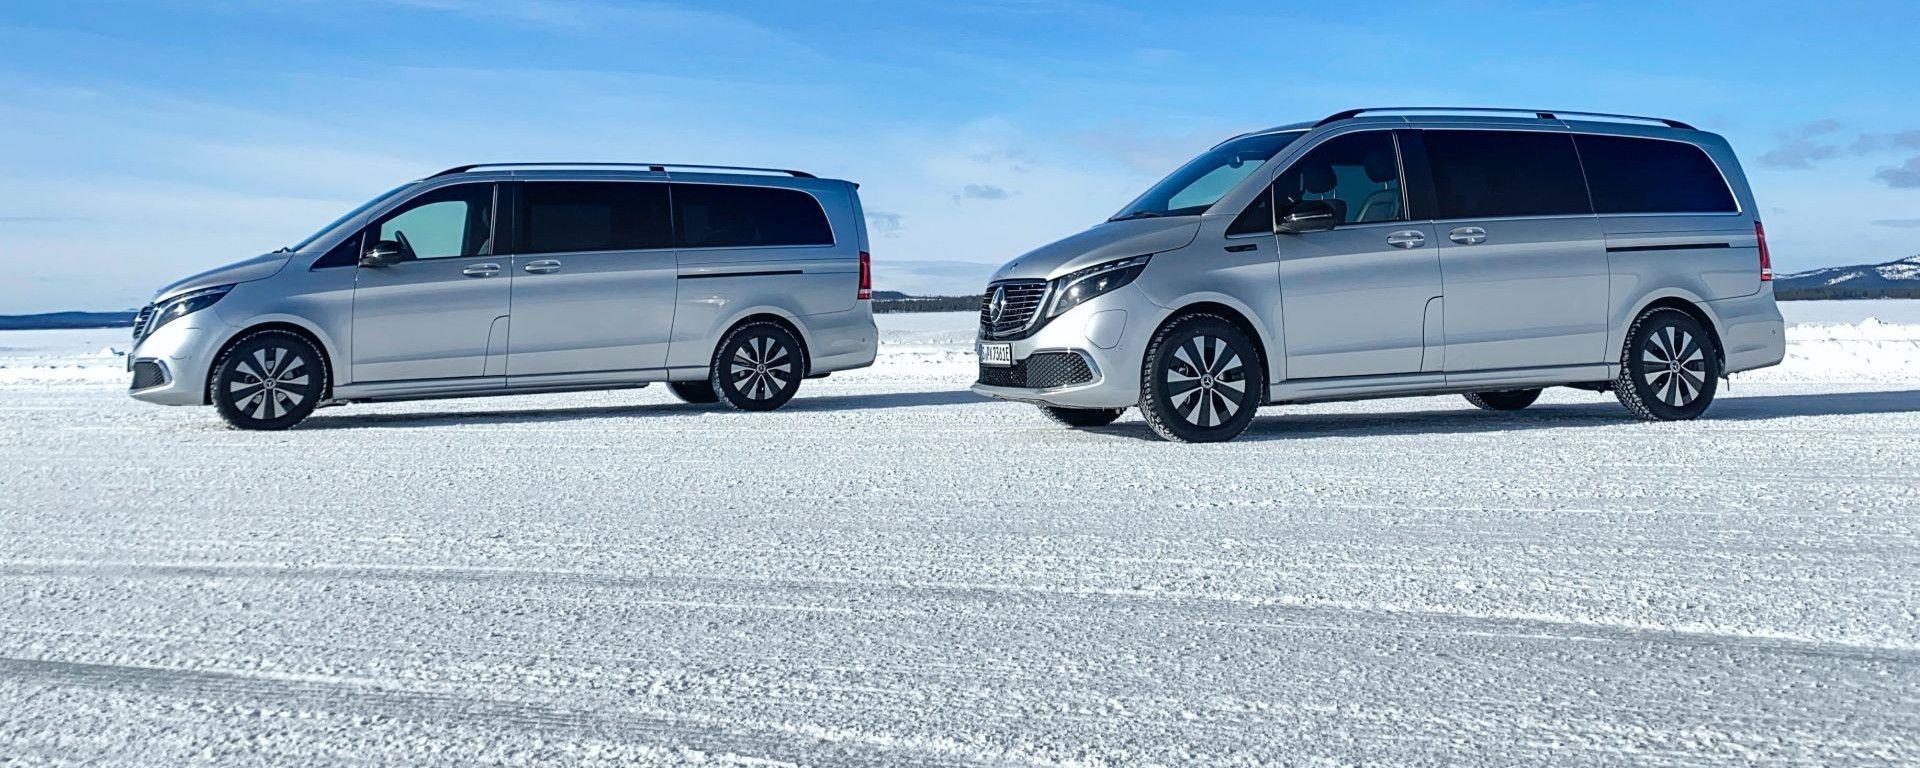 Mercedes EQV: disponibile in versione da 5,14 m e 5,37 m